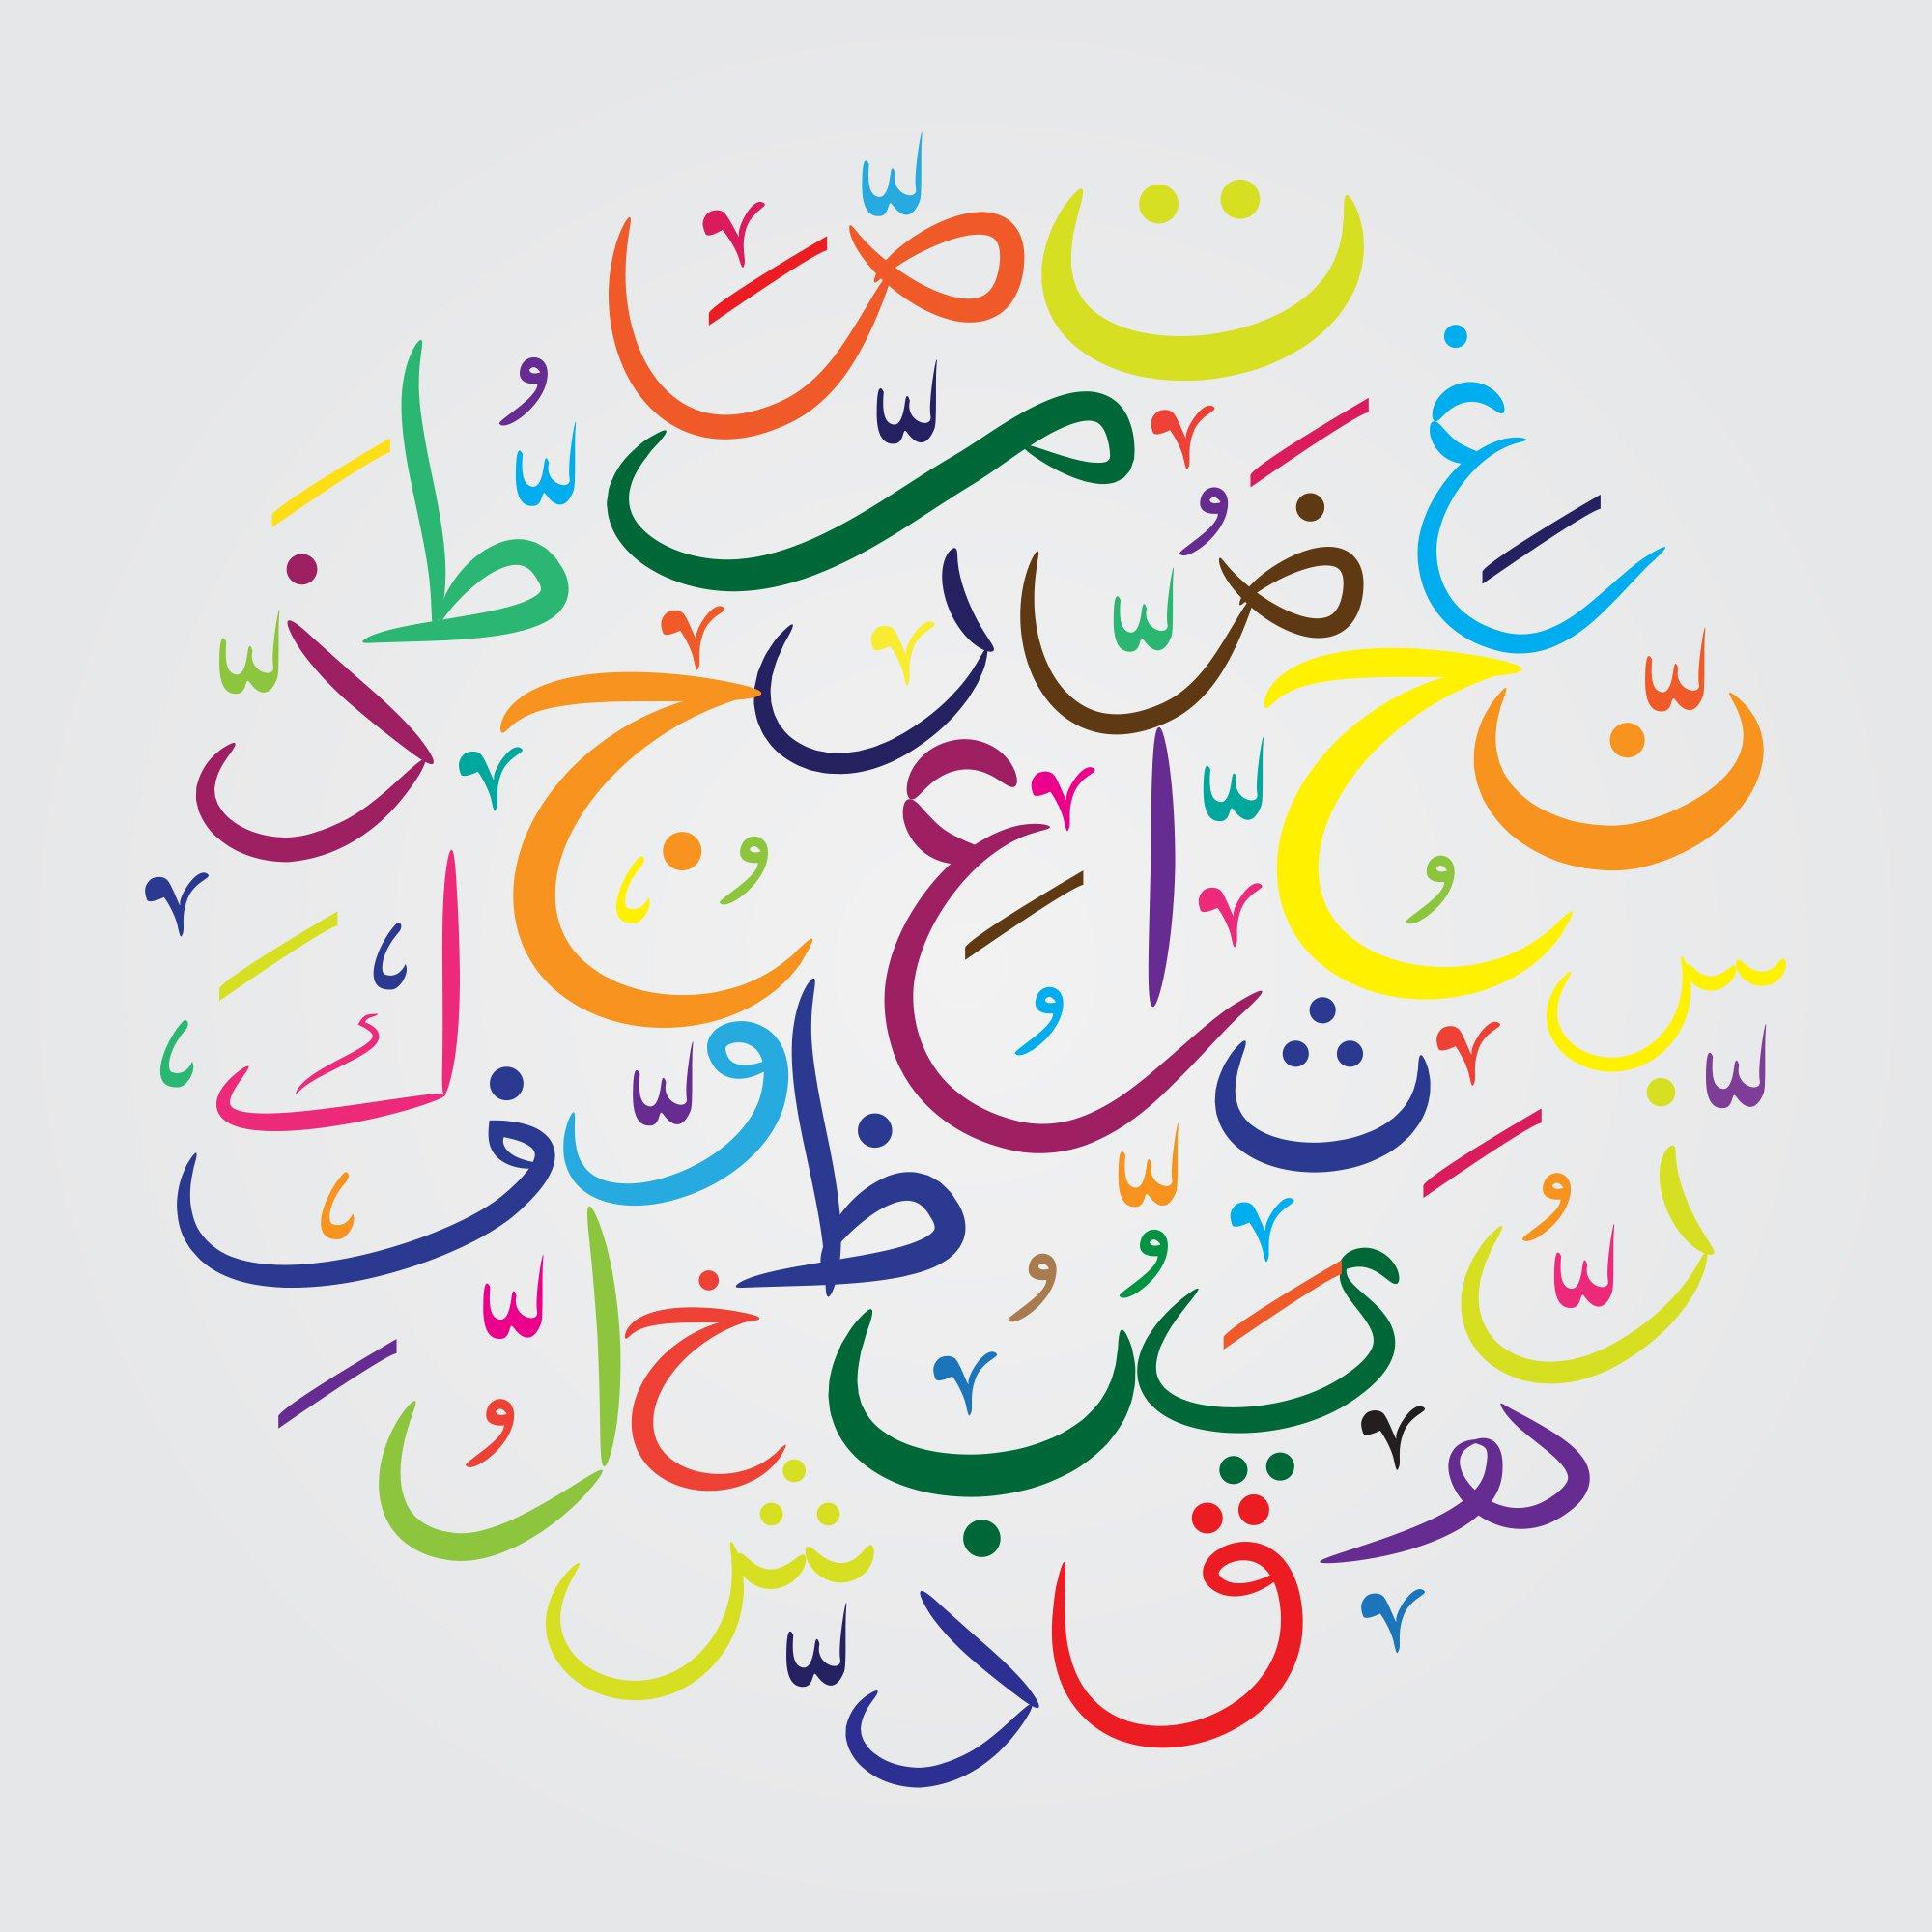 بالصور صور عن اللغة العربية , صور معبره عن اللغه العربية افصح اللغات 6024 6